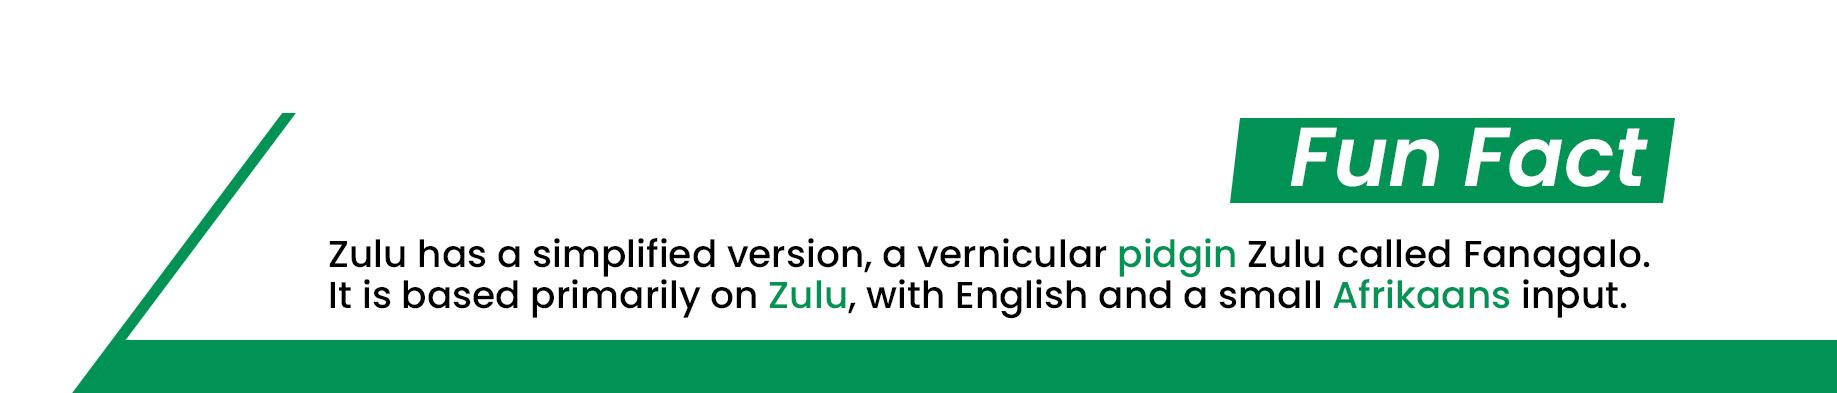 Zulu Translation Services